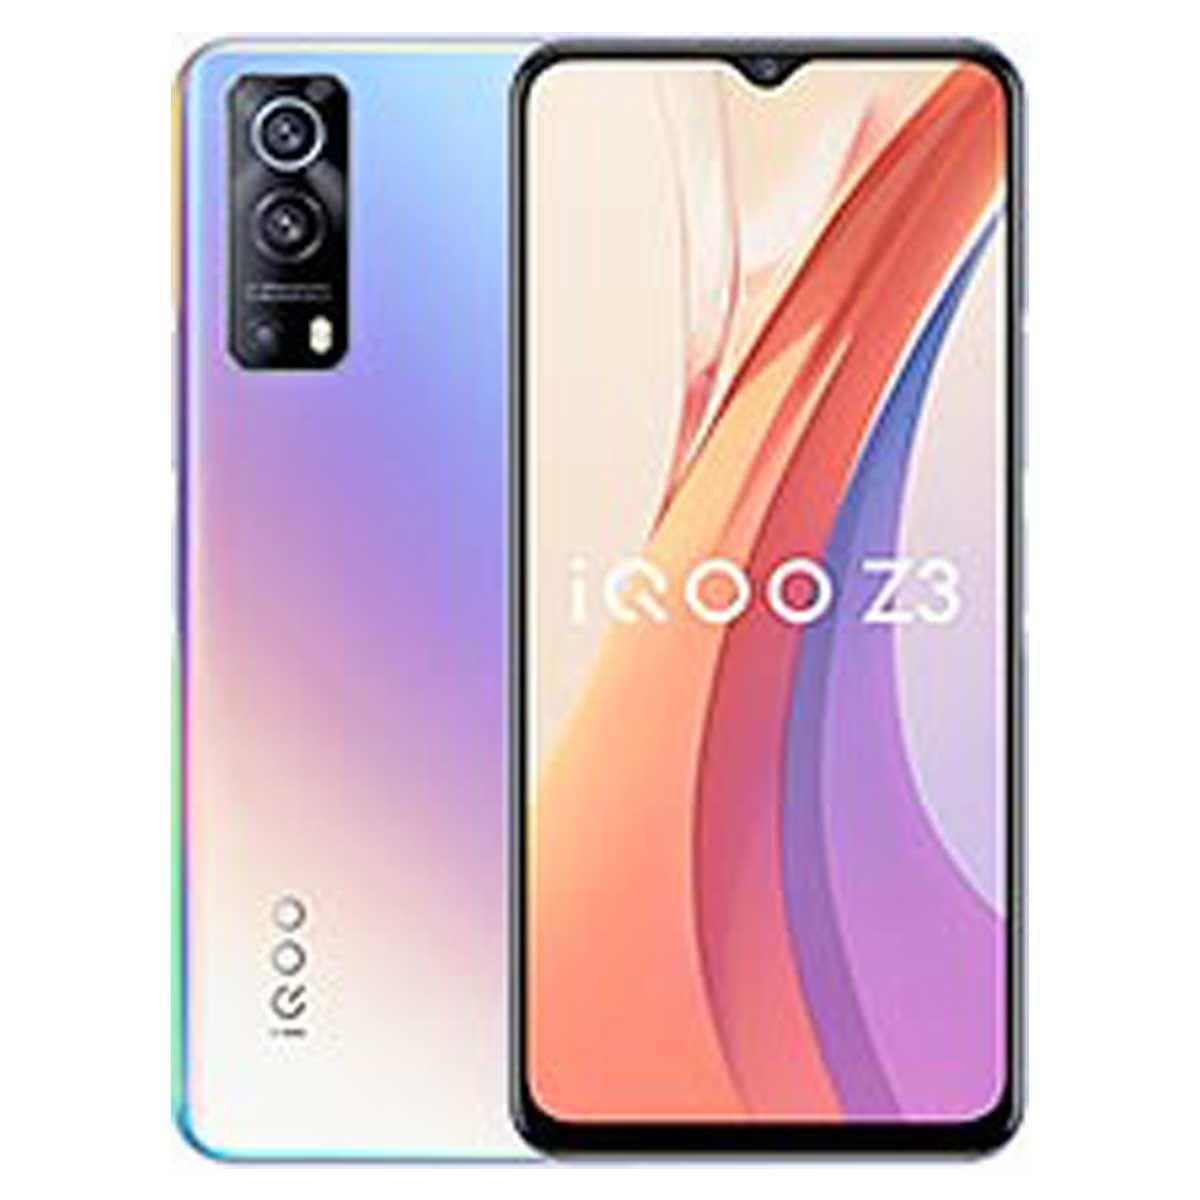 iQOO Z3 5G